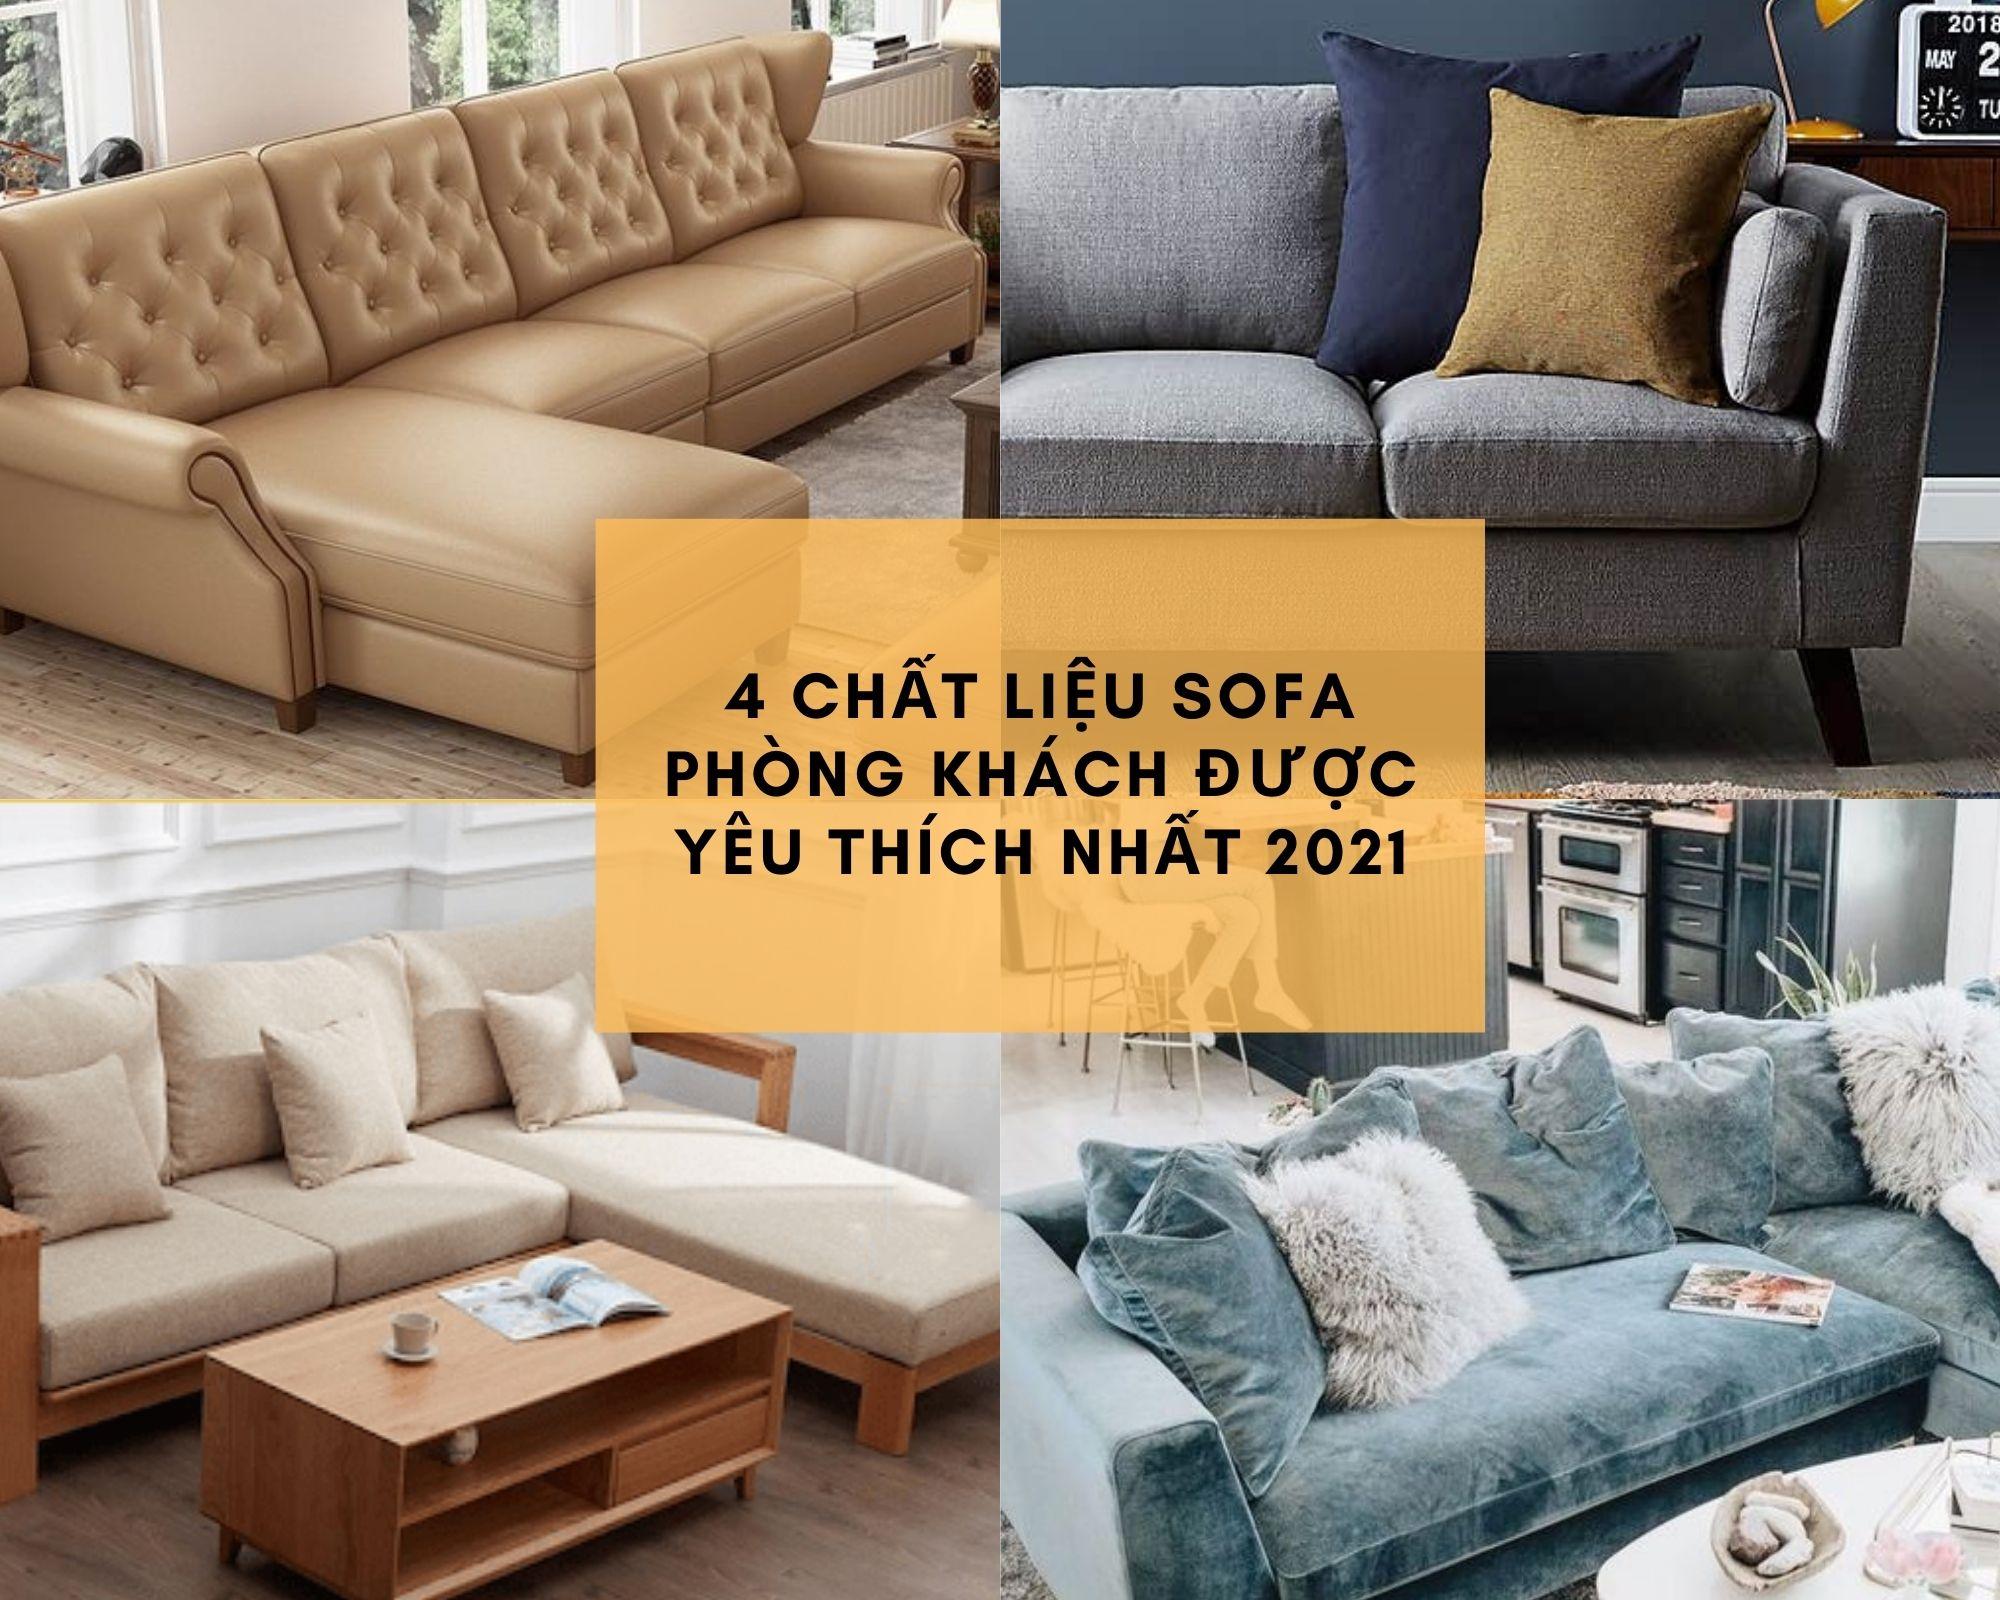 chất liệu sofa phòng khách được yêu thích nhất